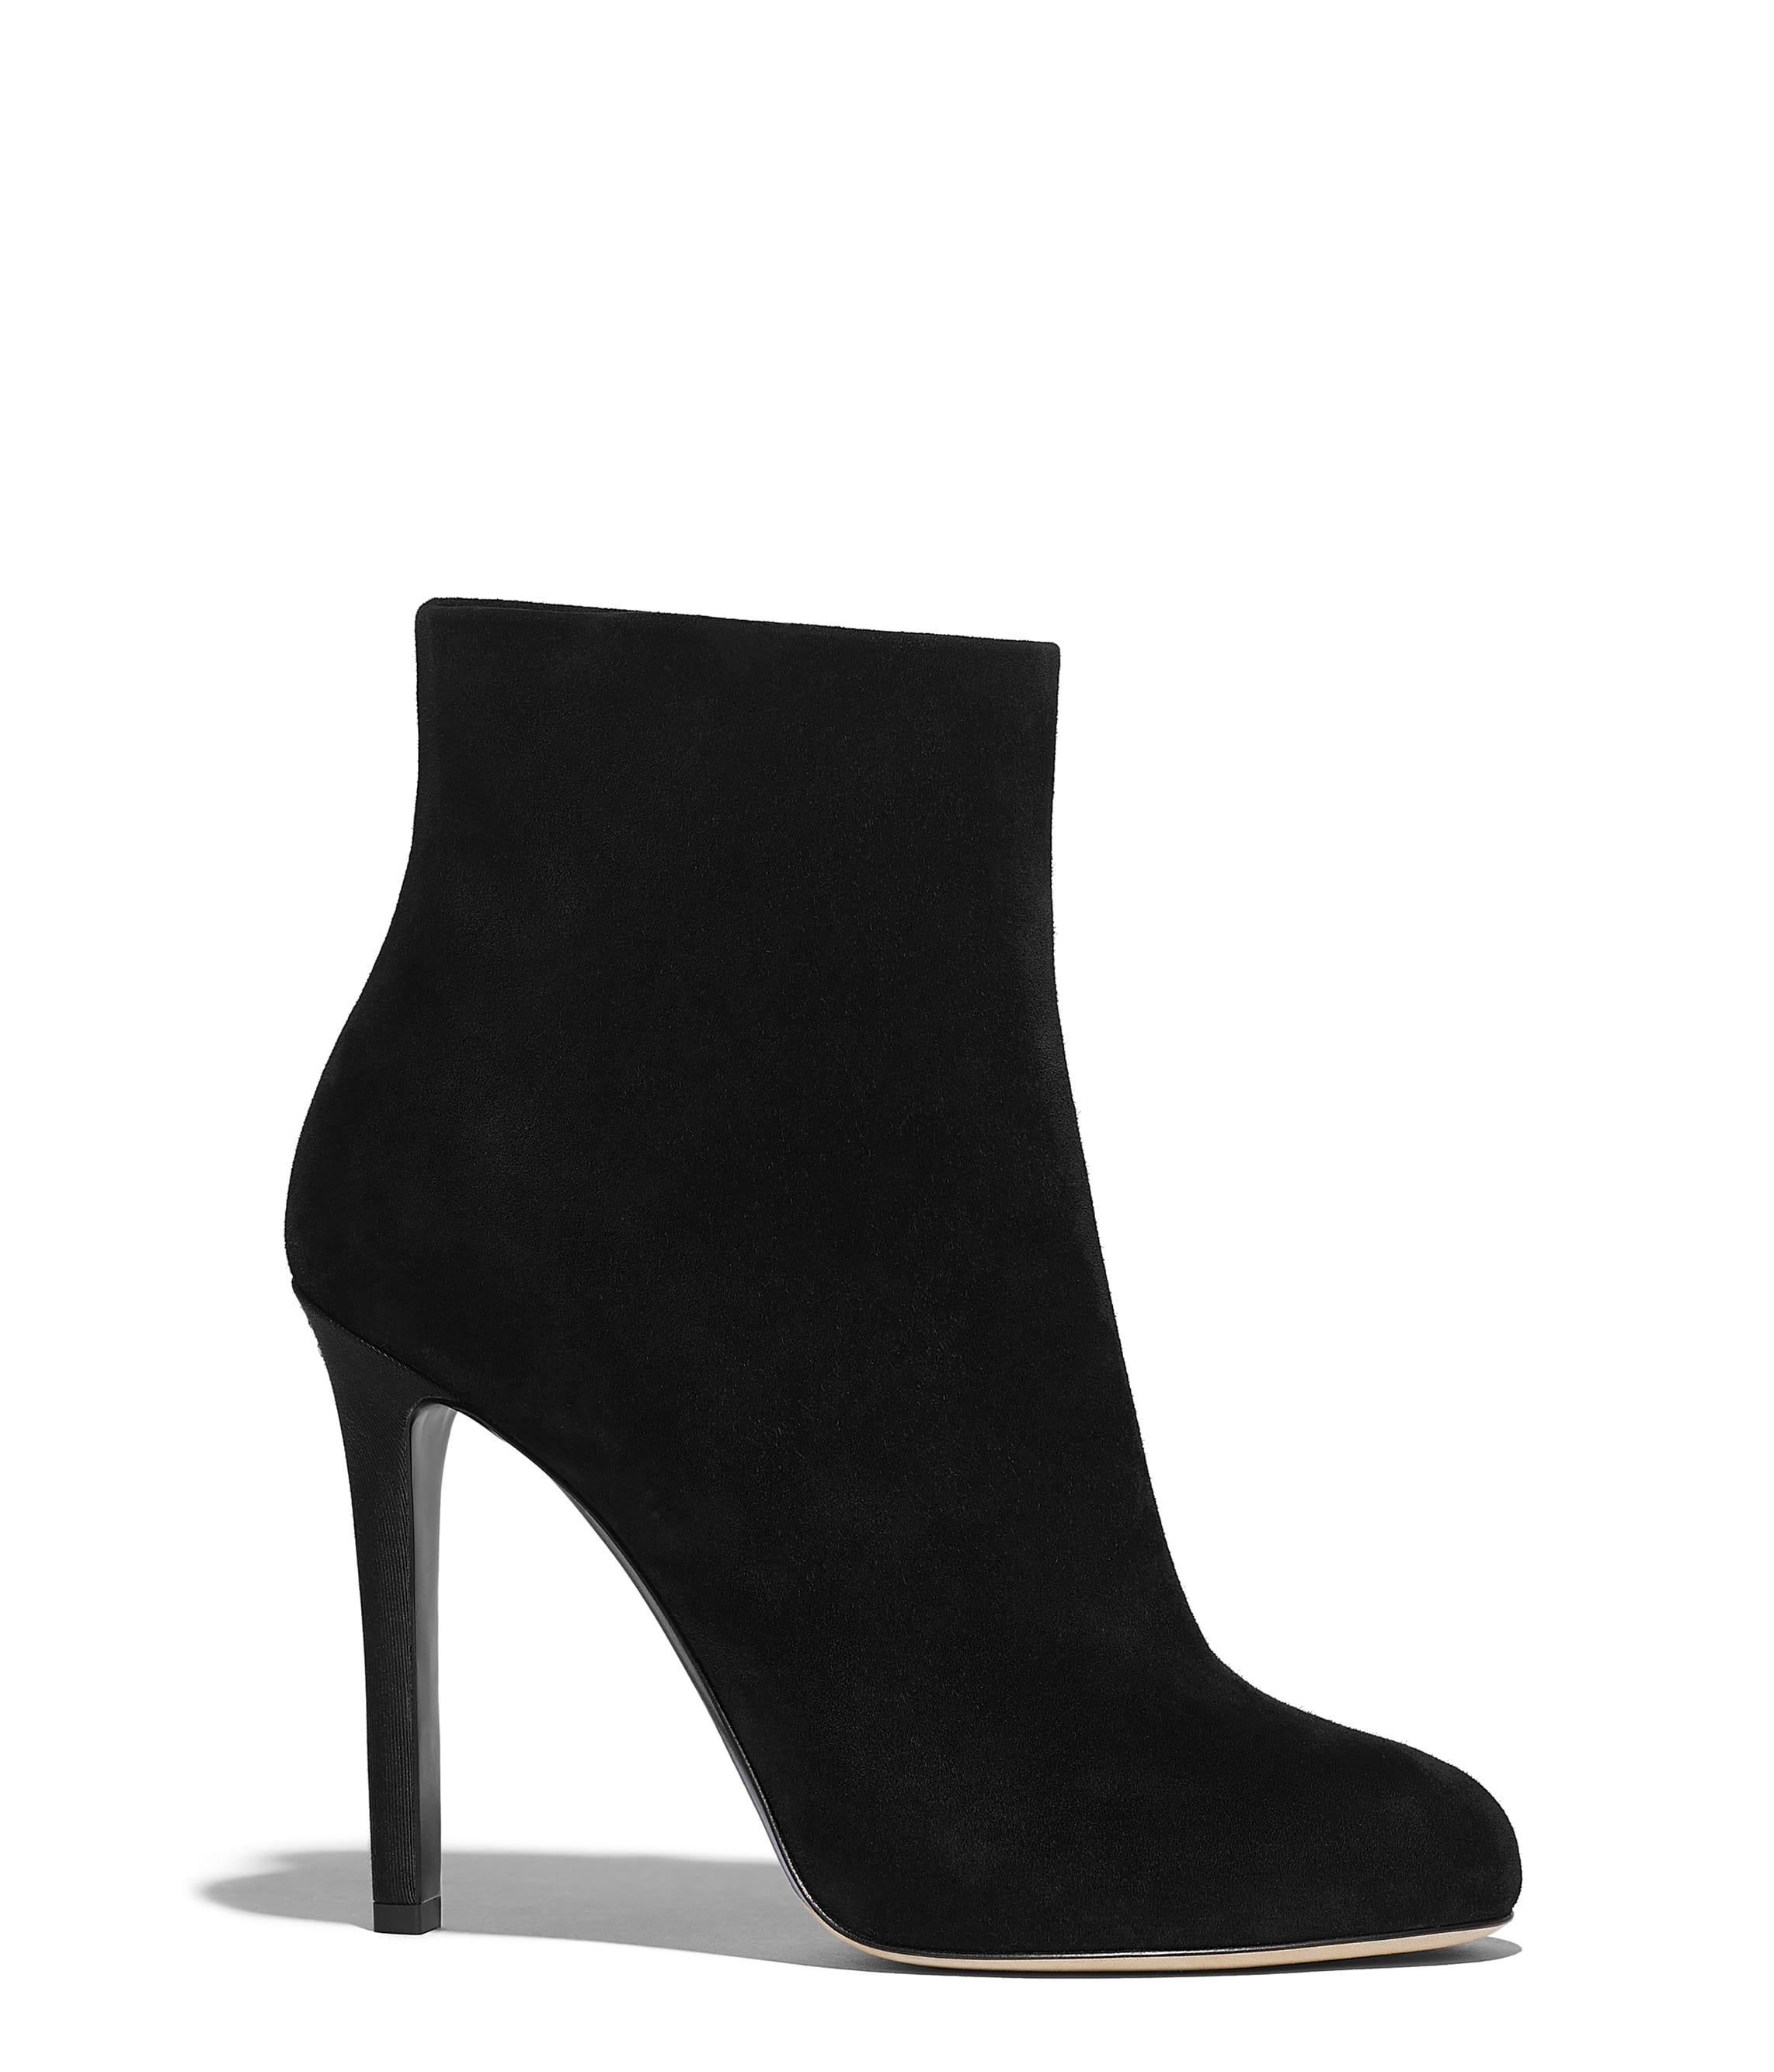 eaf0909b55 Shoes - CHANEL